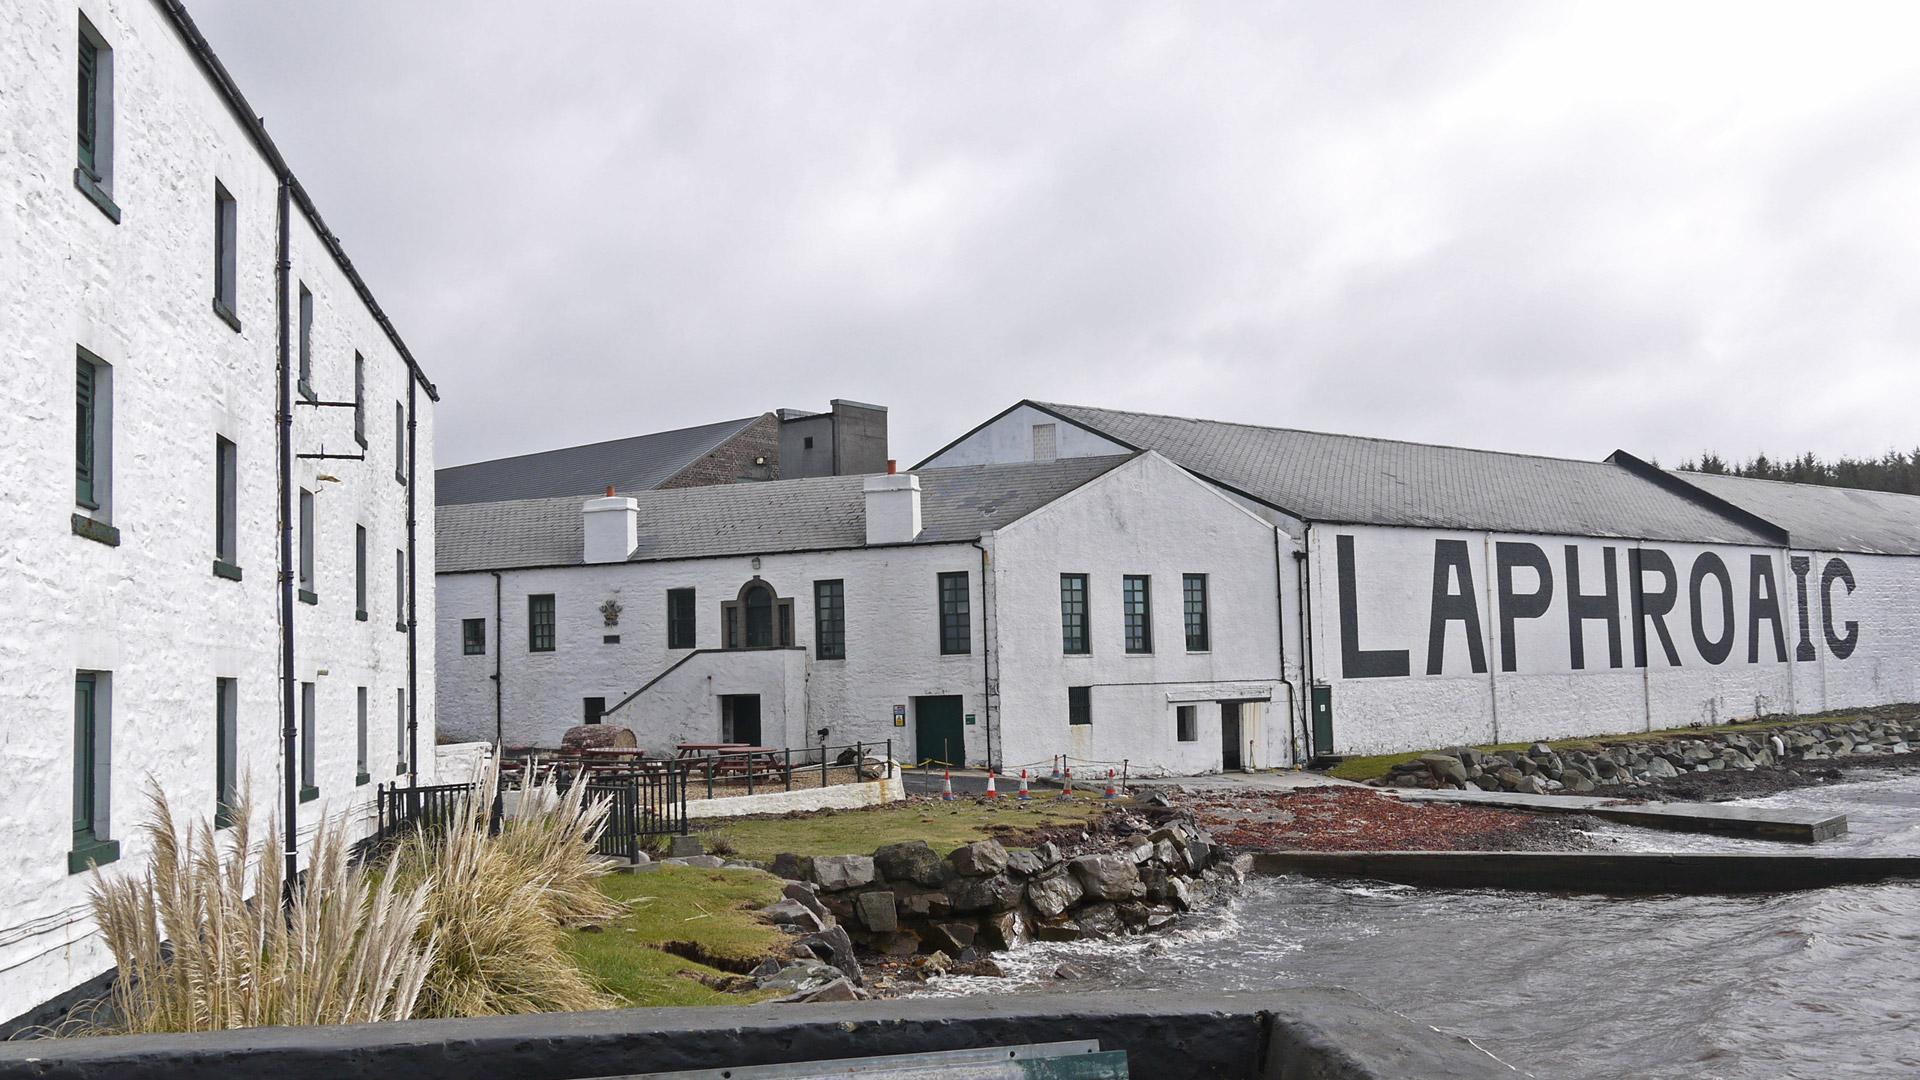 Blick auf das legendäre Warehouse No 1 bei der Laphroaig-Destillerie. (Foto: Malt Whisky)